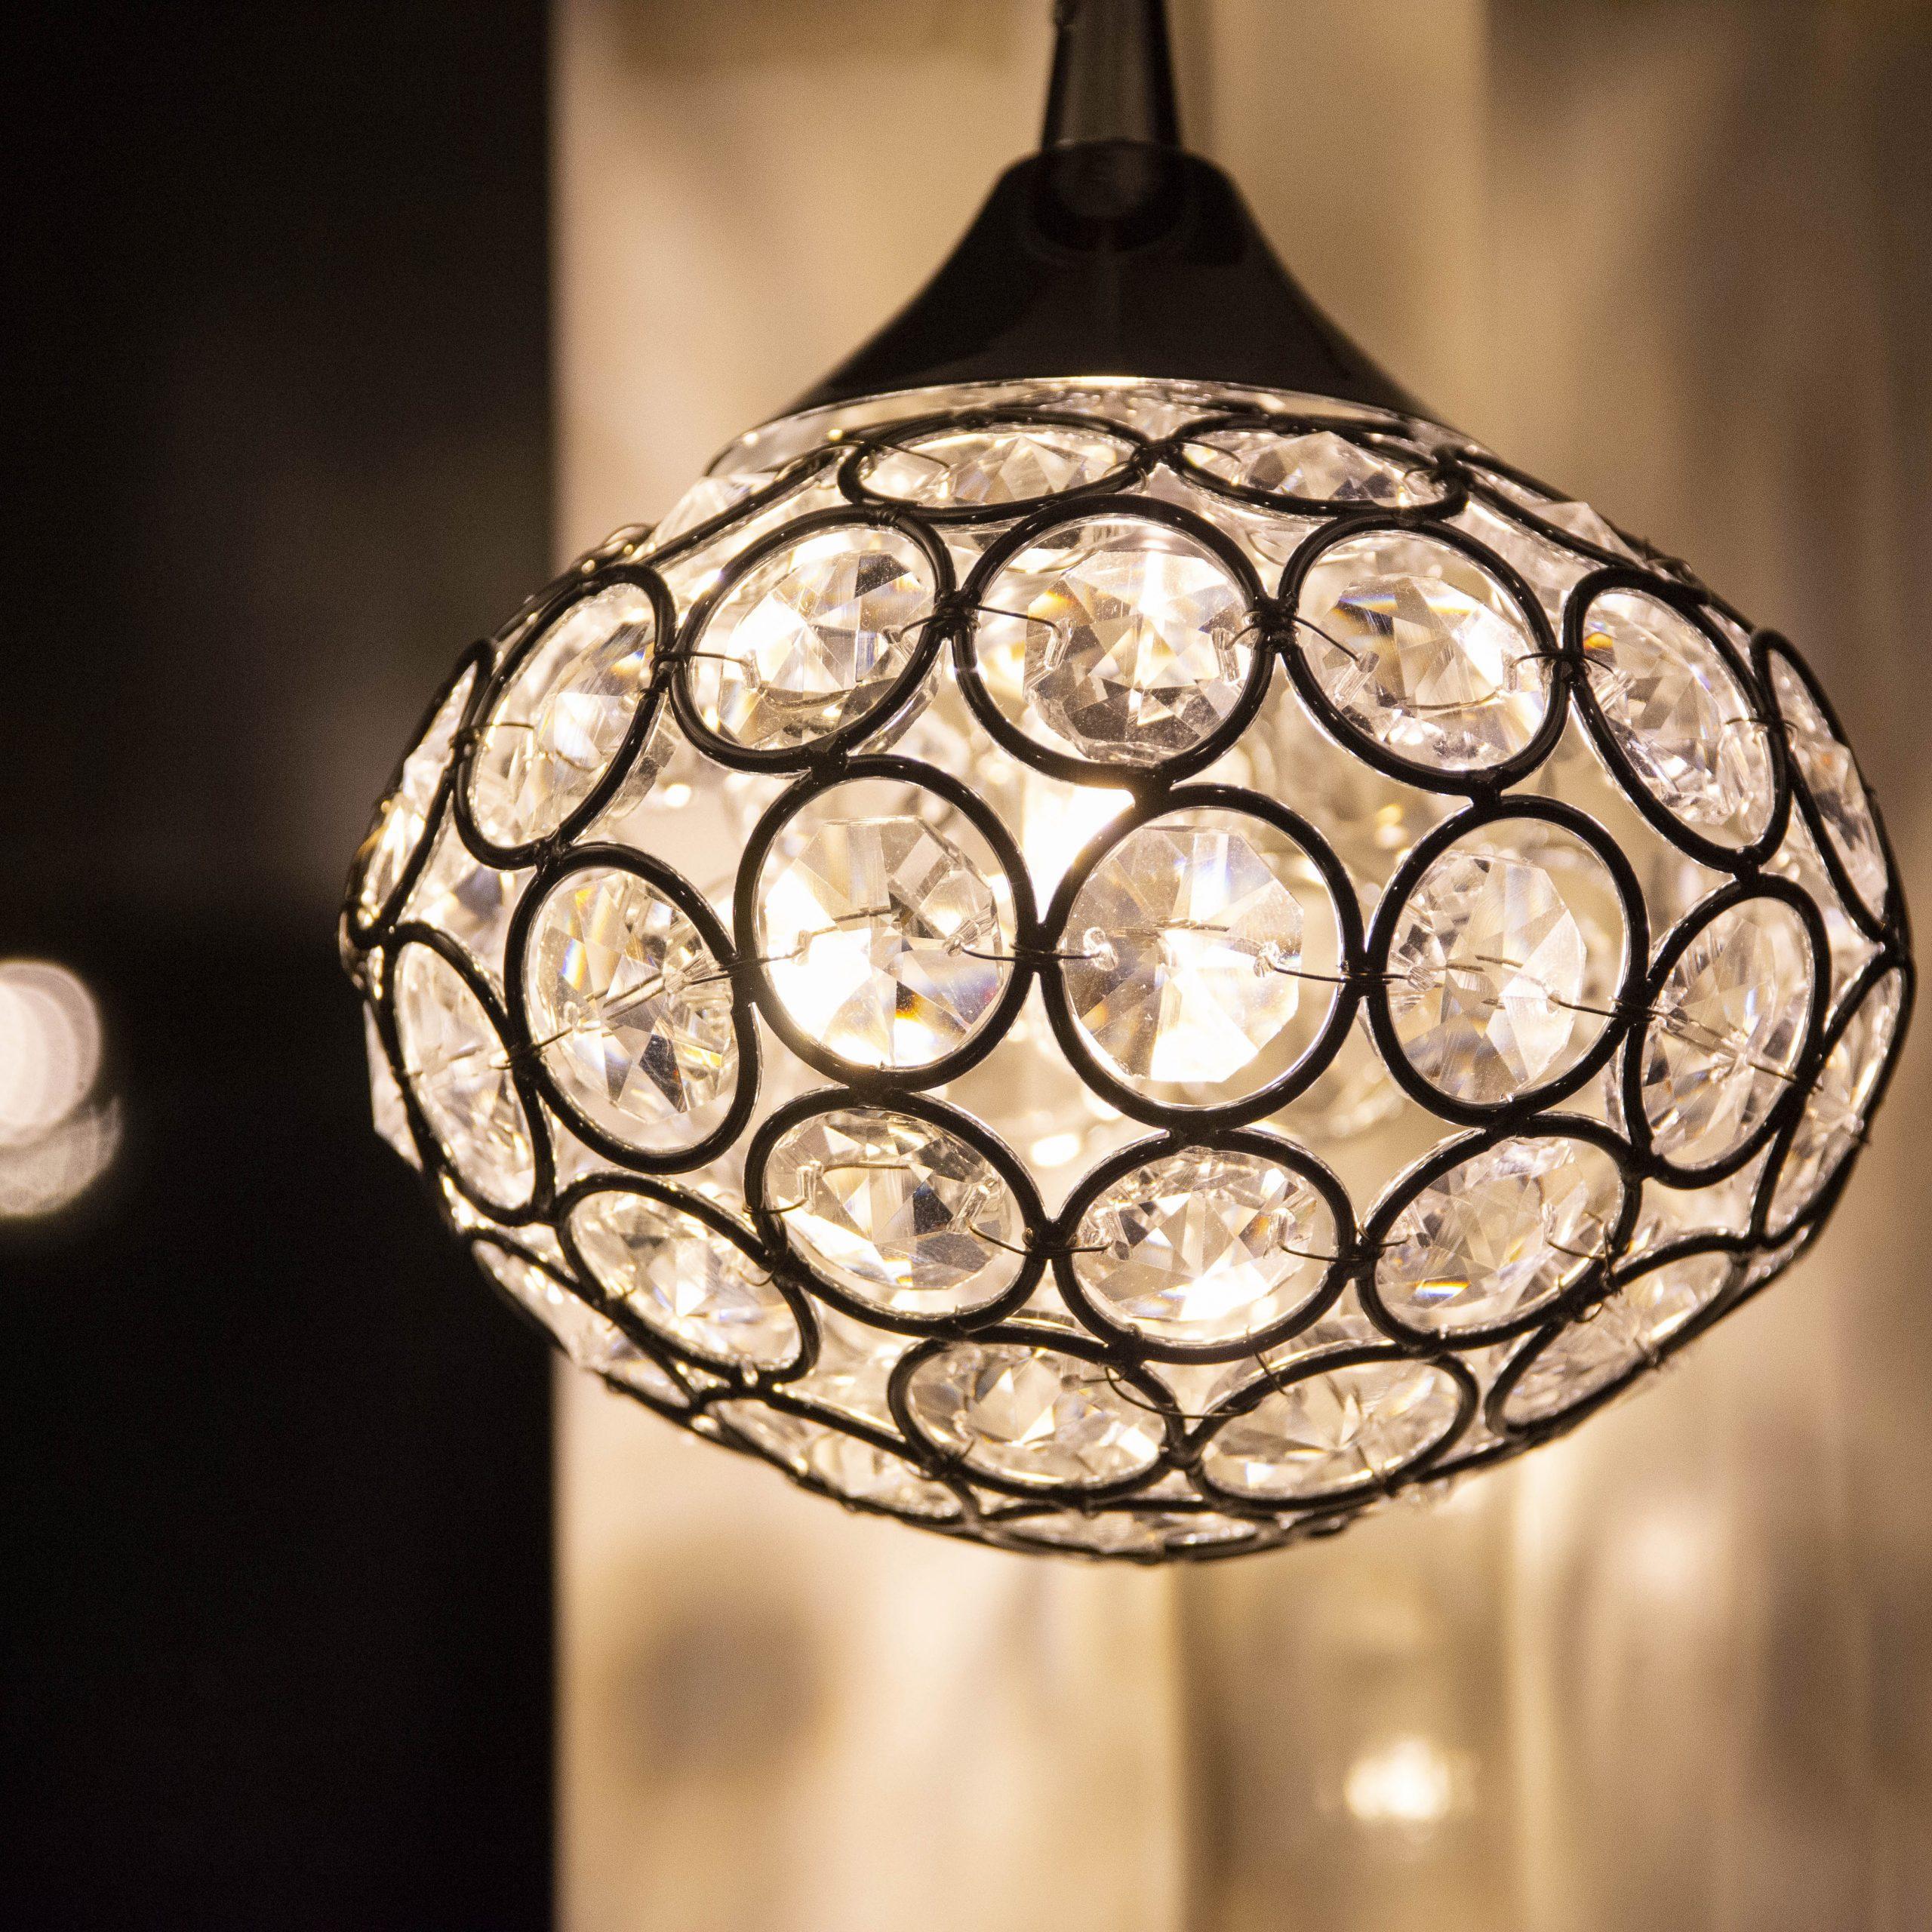 Ett vackert ovalt ljus med kristall-liknande utseende